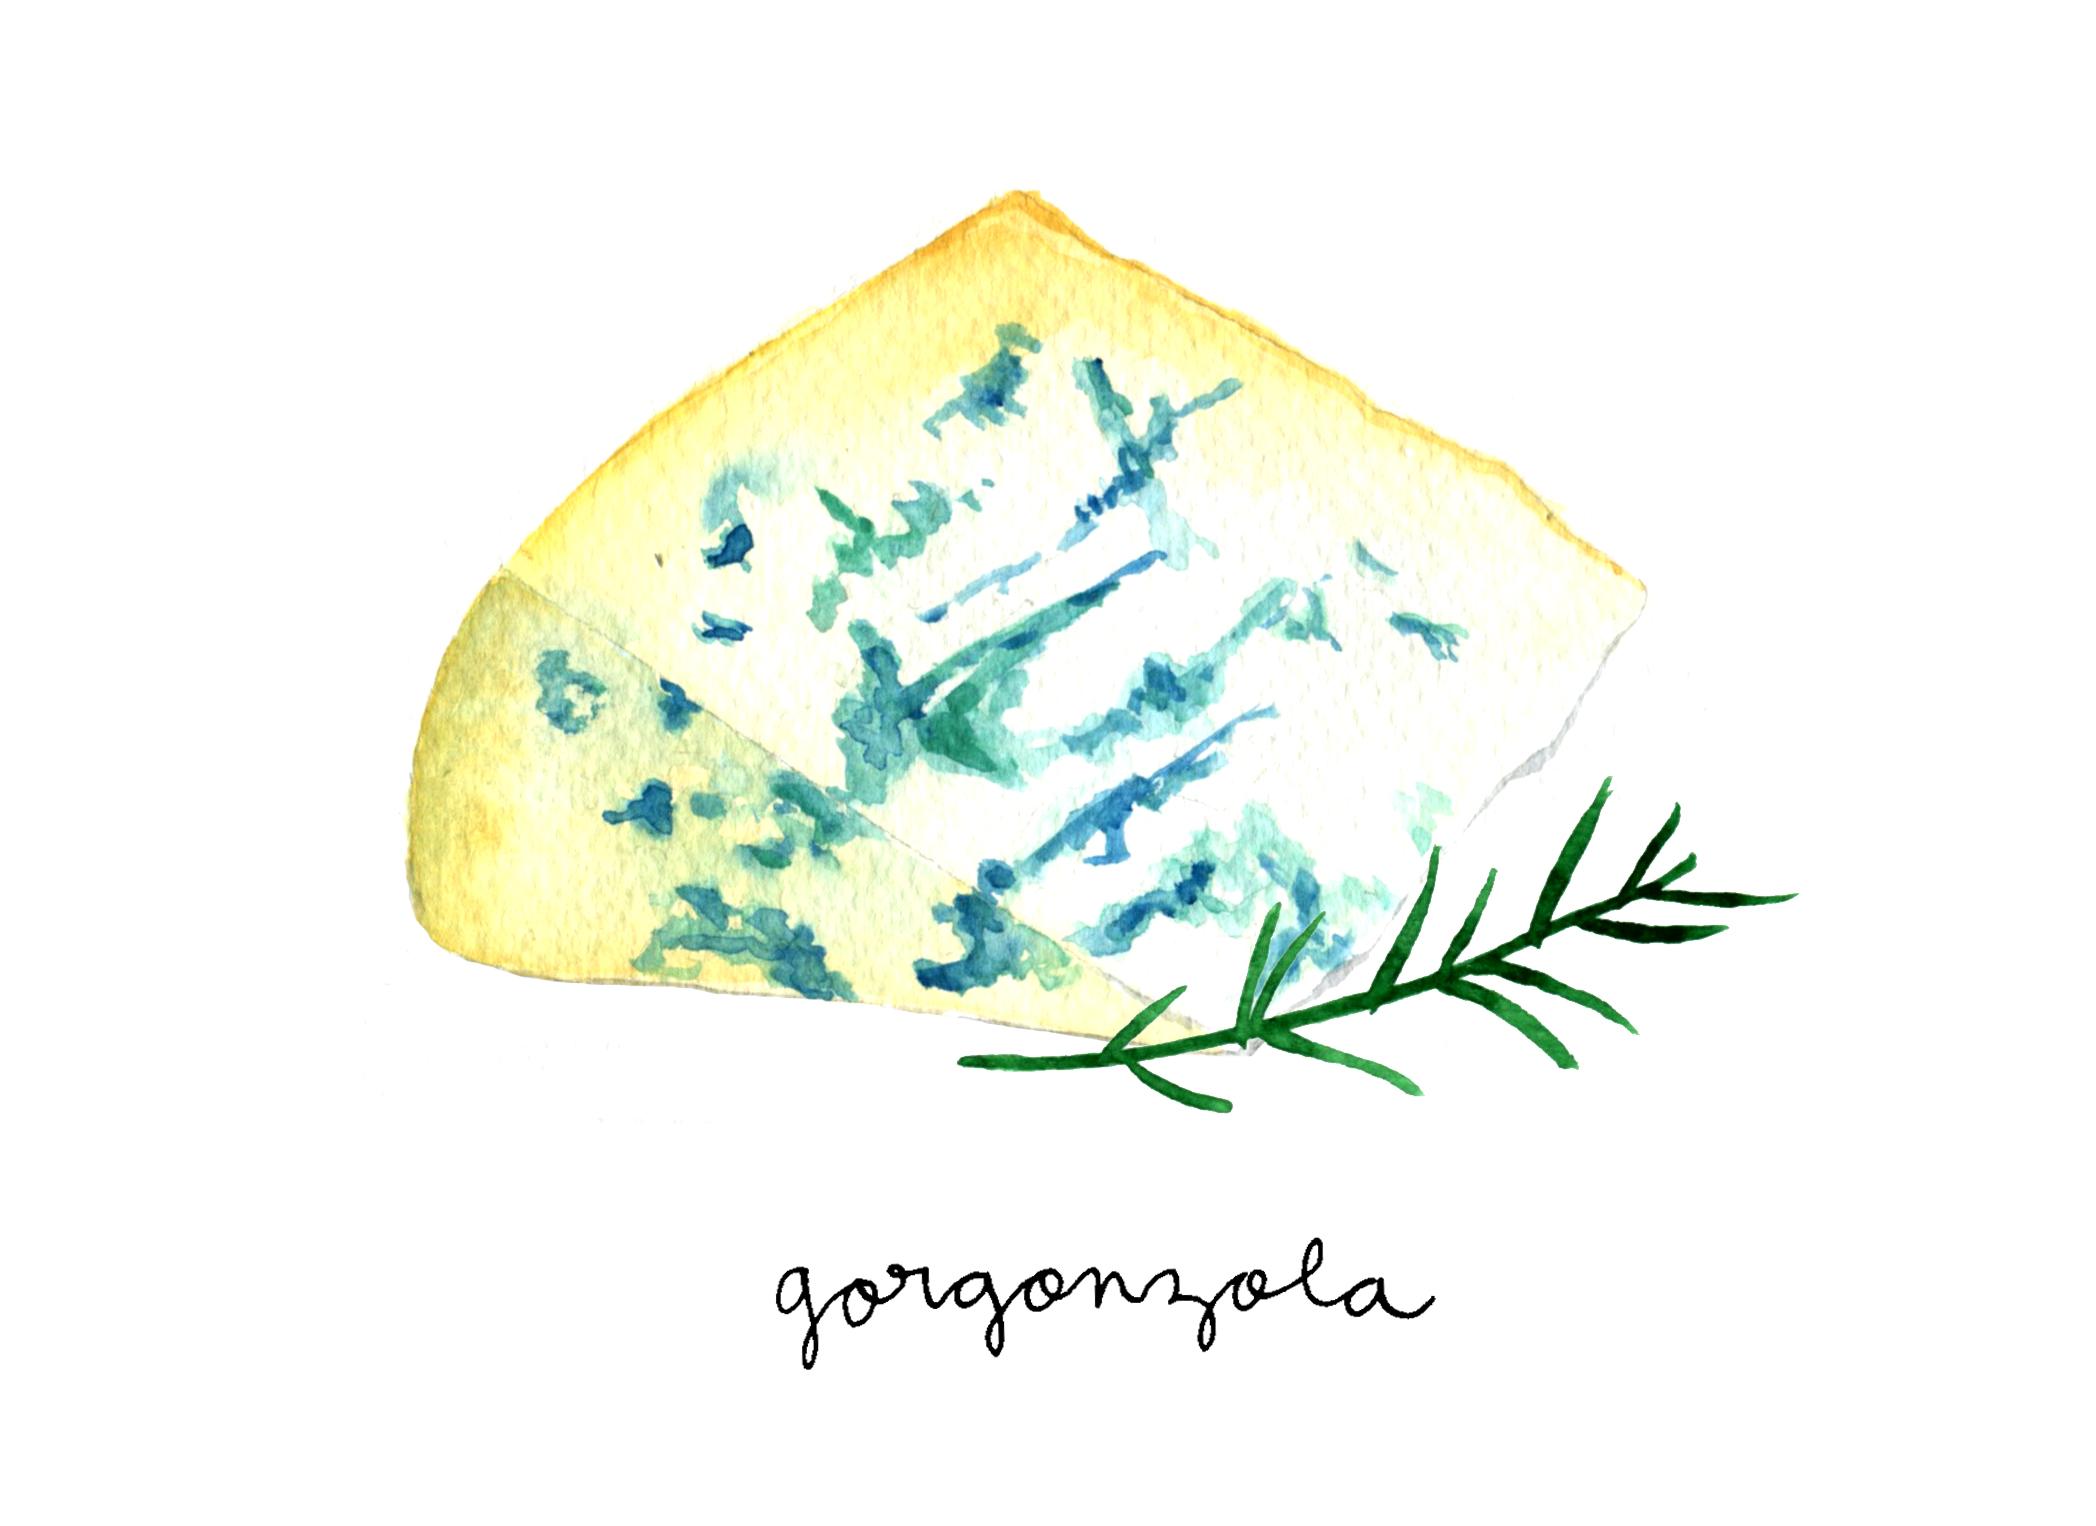 gorgonzola.jpg